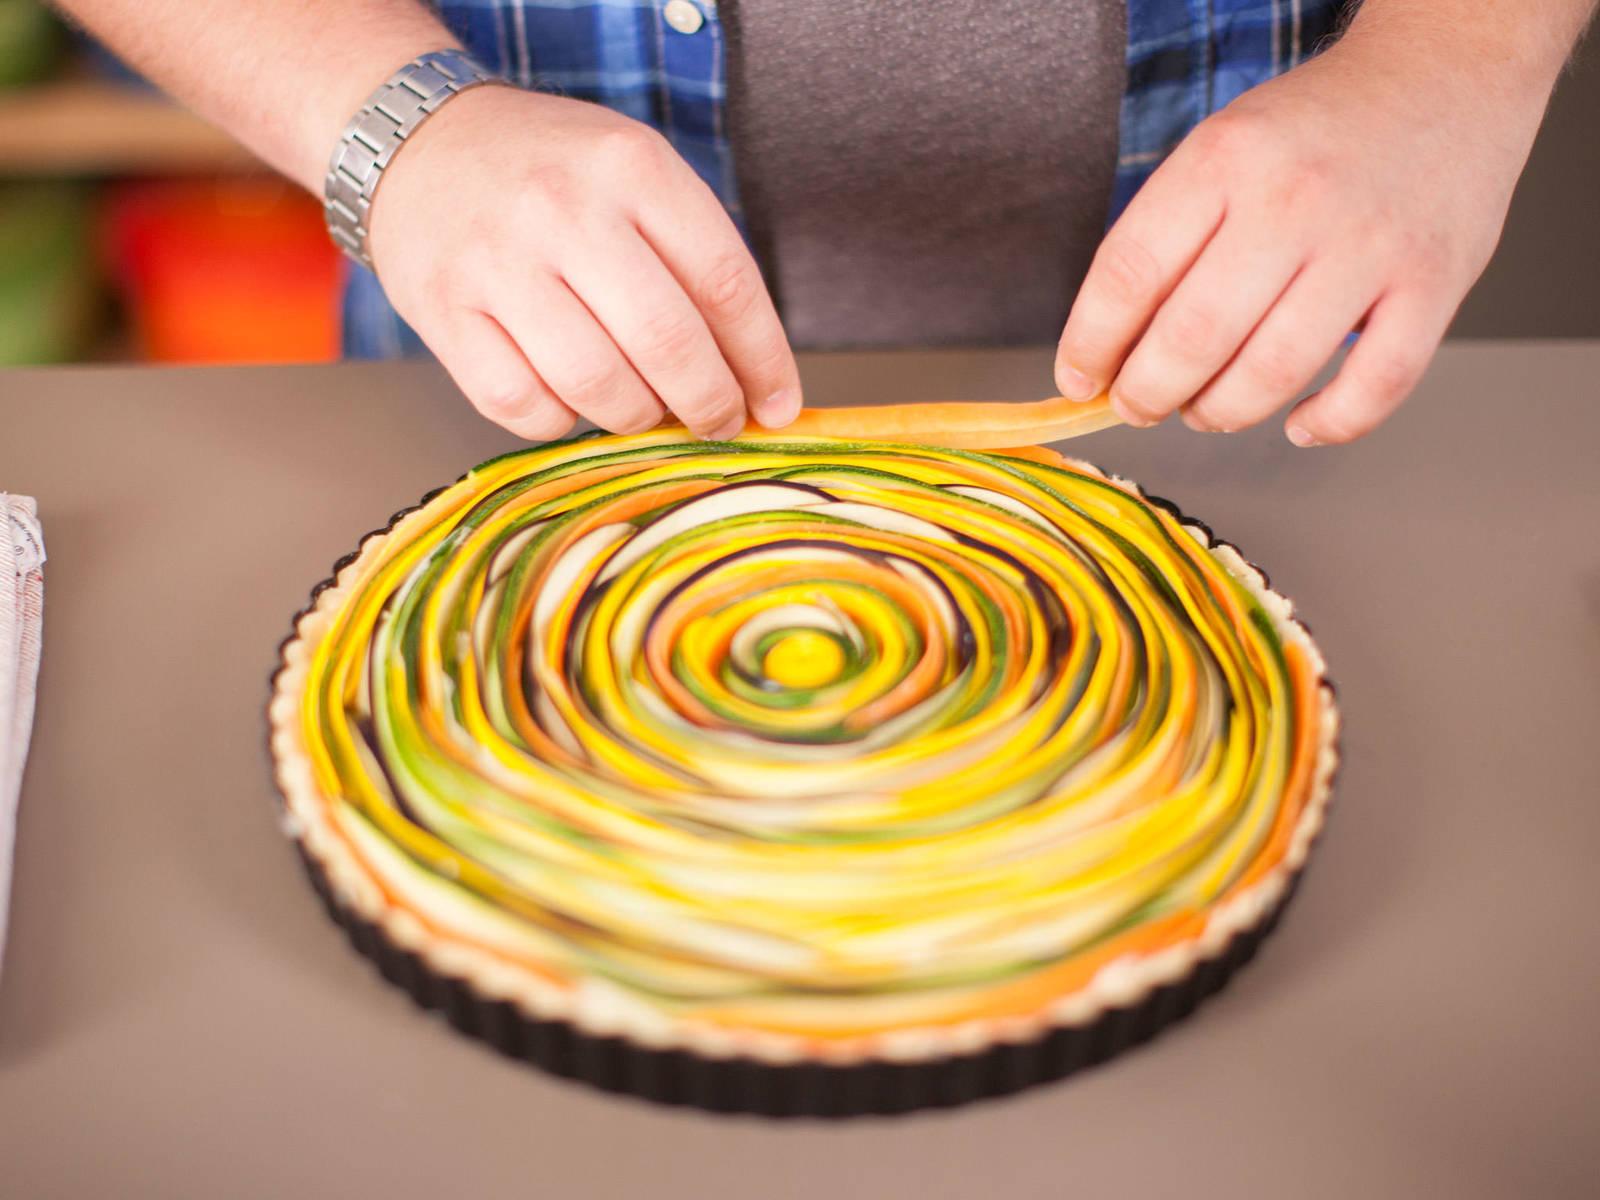 Die Temperatur des Backofens auf 190°C erhöhen. Backpapier und Backerbsen entfernen. Käsemasse in die Tarte geben. Vorsichtig Gemüsespirale darauf legen und lose Streifen in die Ränder stecken. Tarte mit Olivenöl einpinseln und ca. 40 – 50 Min. backen.